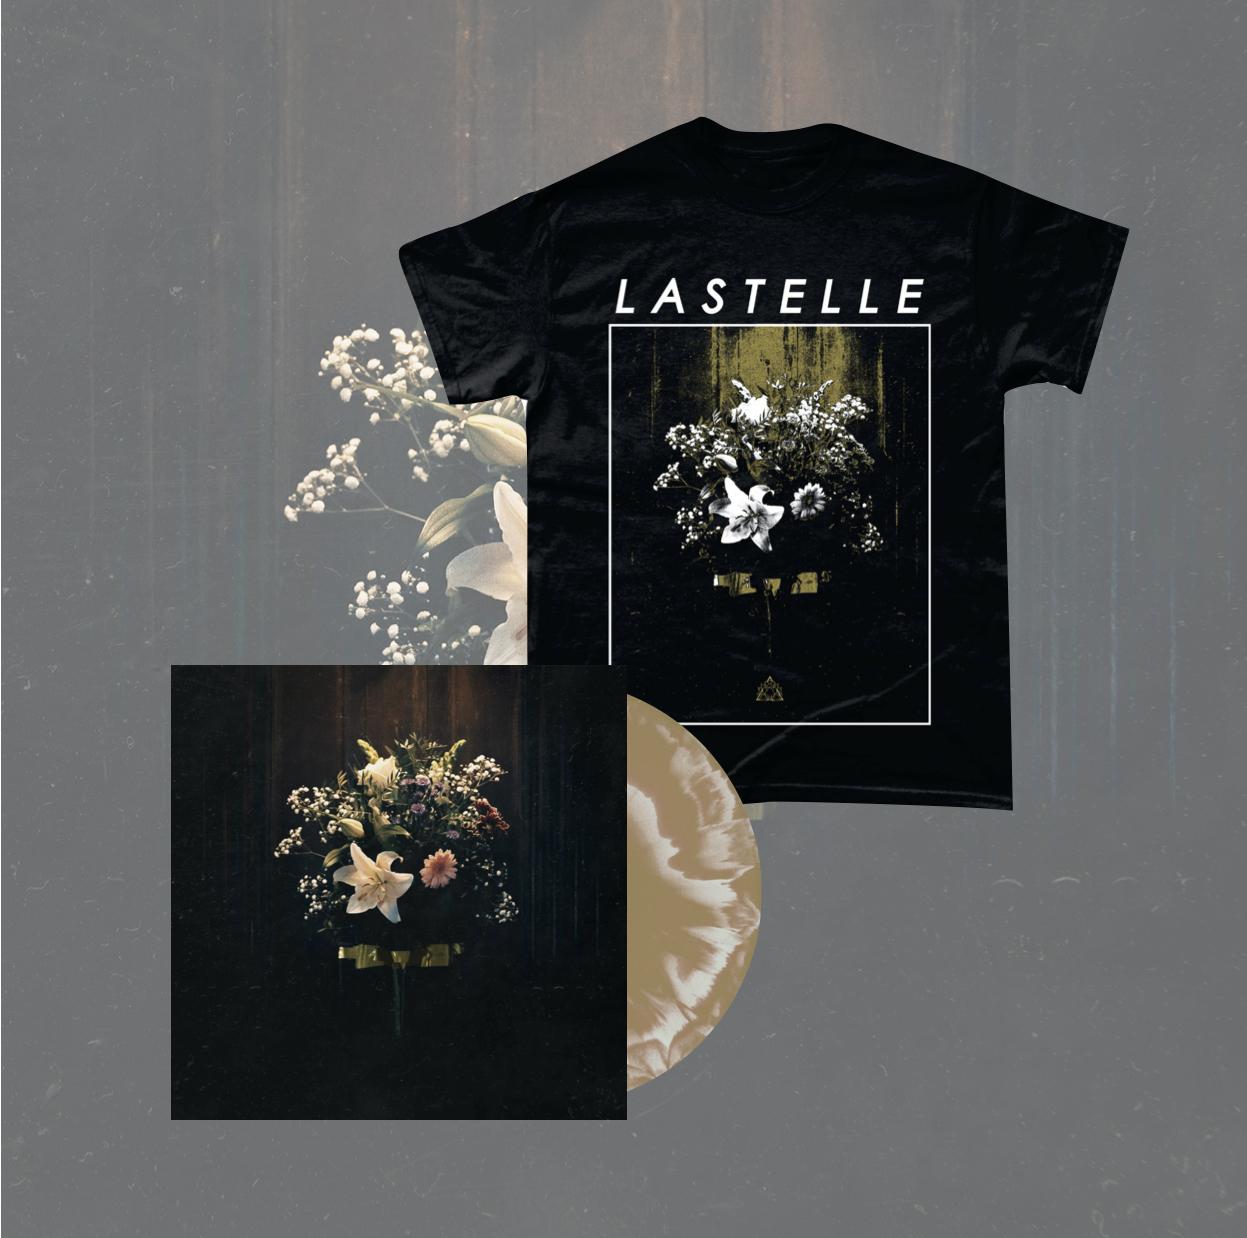 Lastelle - 'Delicate' + Tee Bundle